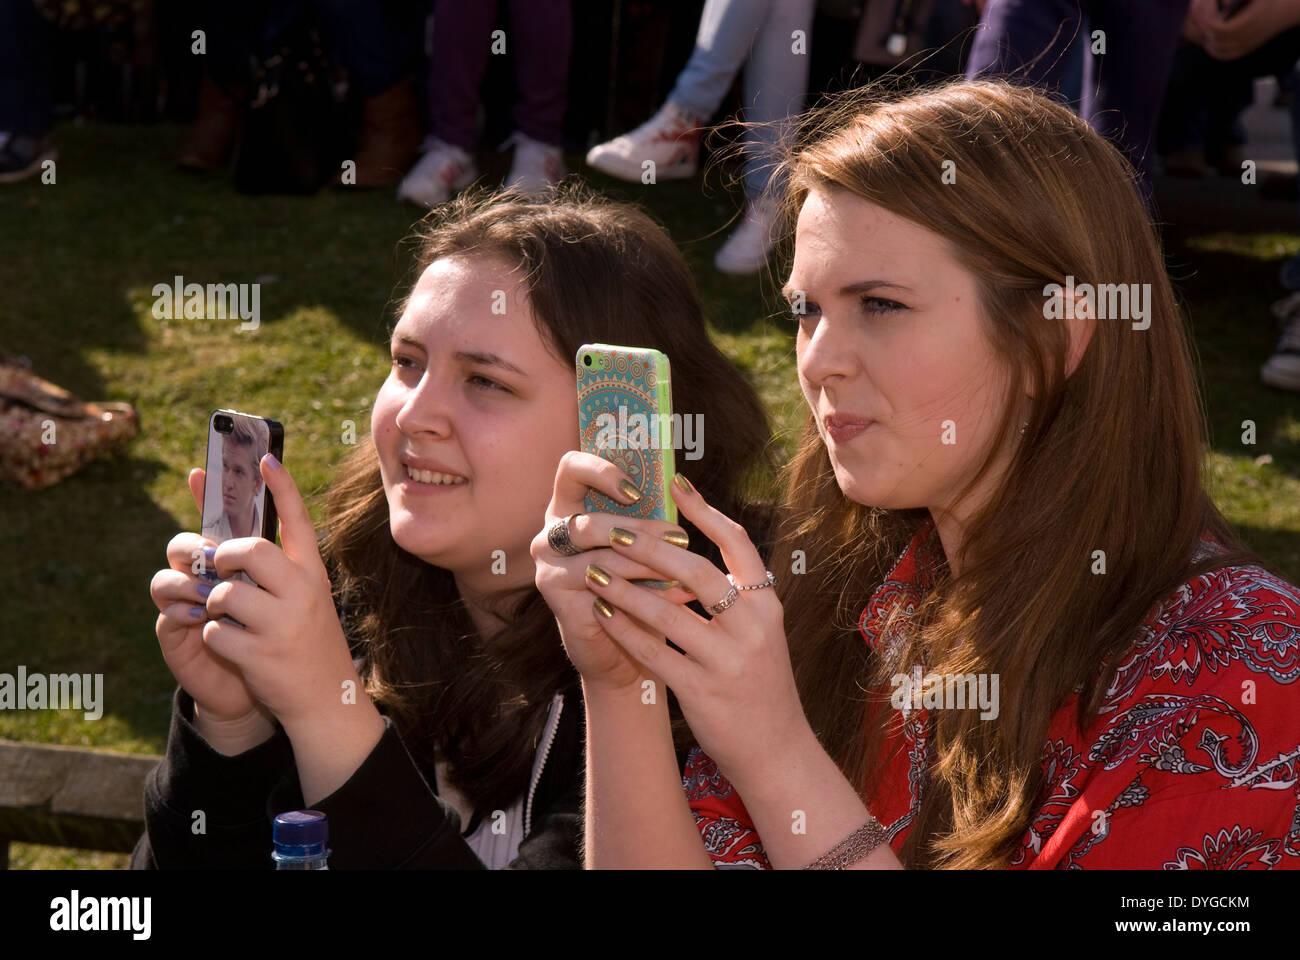 Jugendliche an einem Schaft (Wissenschaft, Technologie, Ingenieurwesen, Mathematik) Festival die Bilder auf ihren Mobiltelefonen von Titan Roboter Stockbild